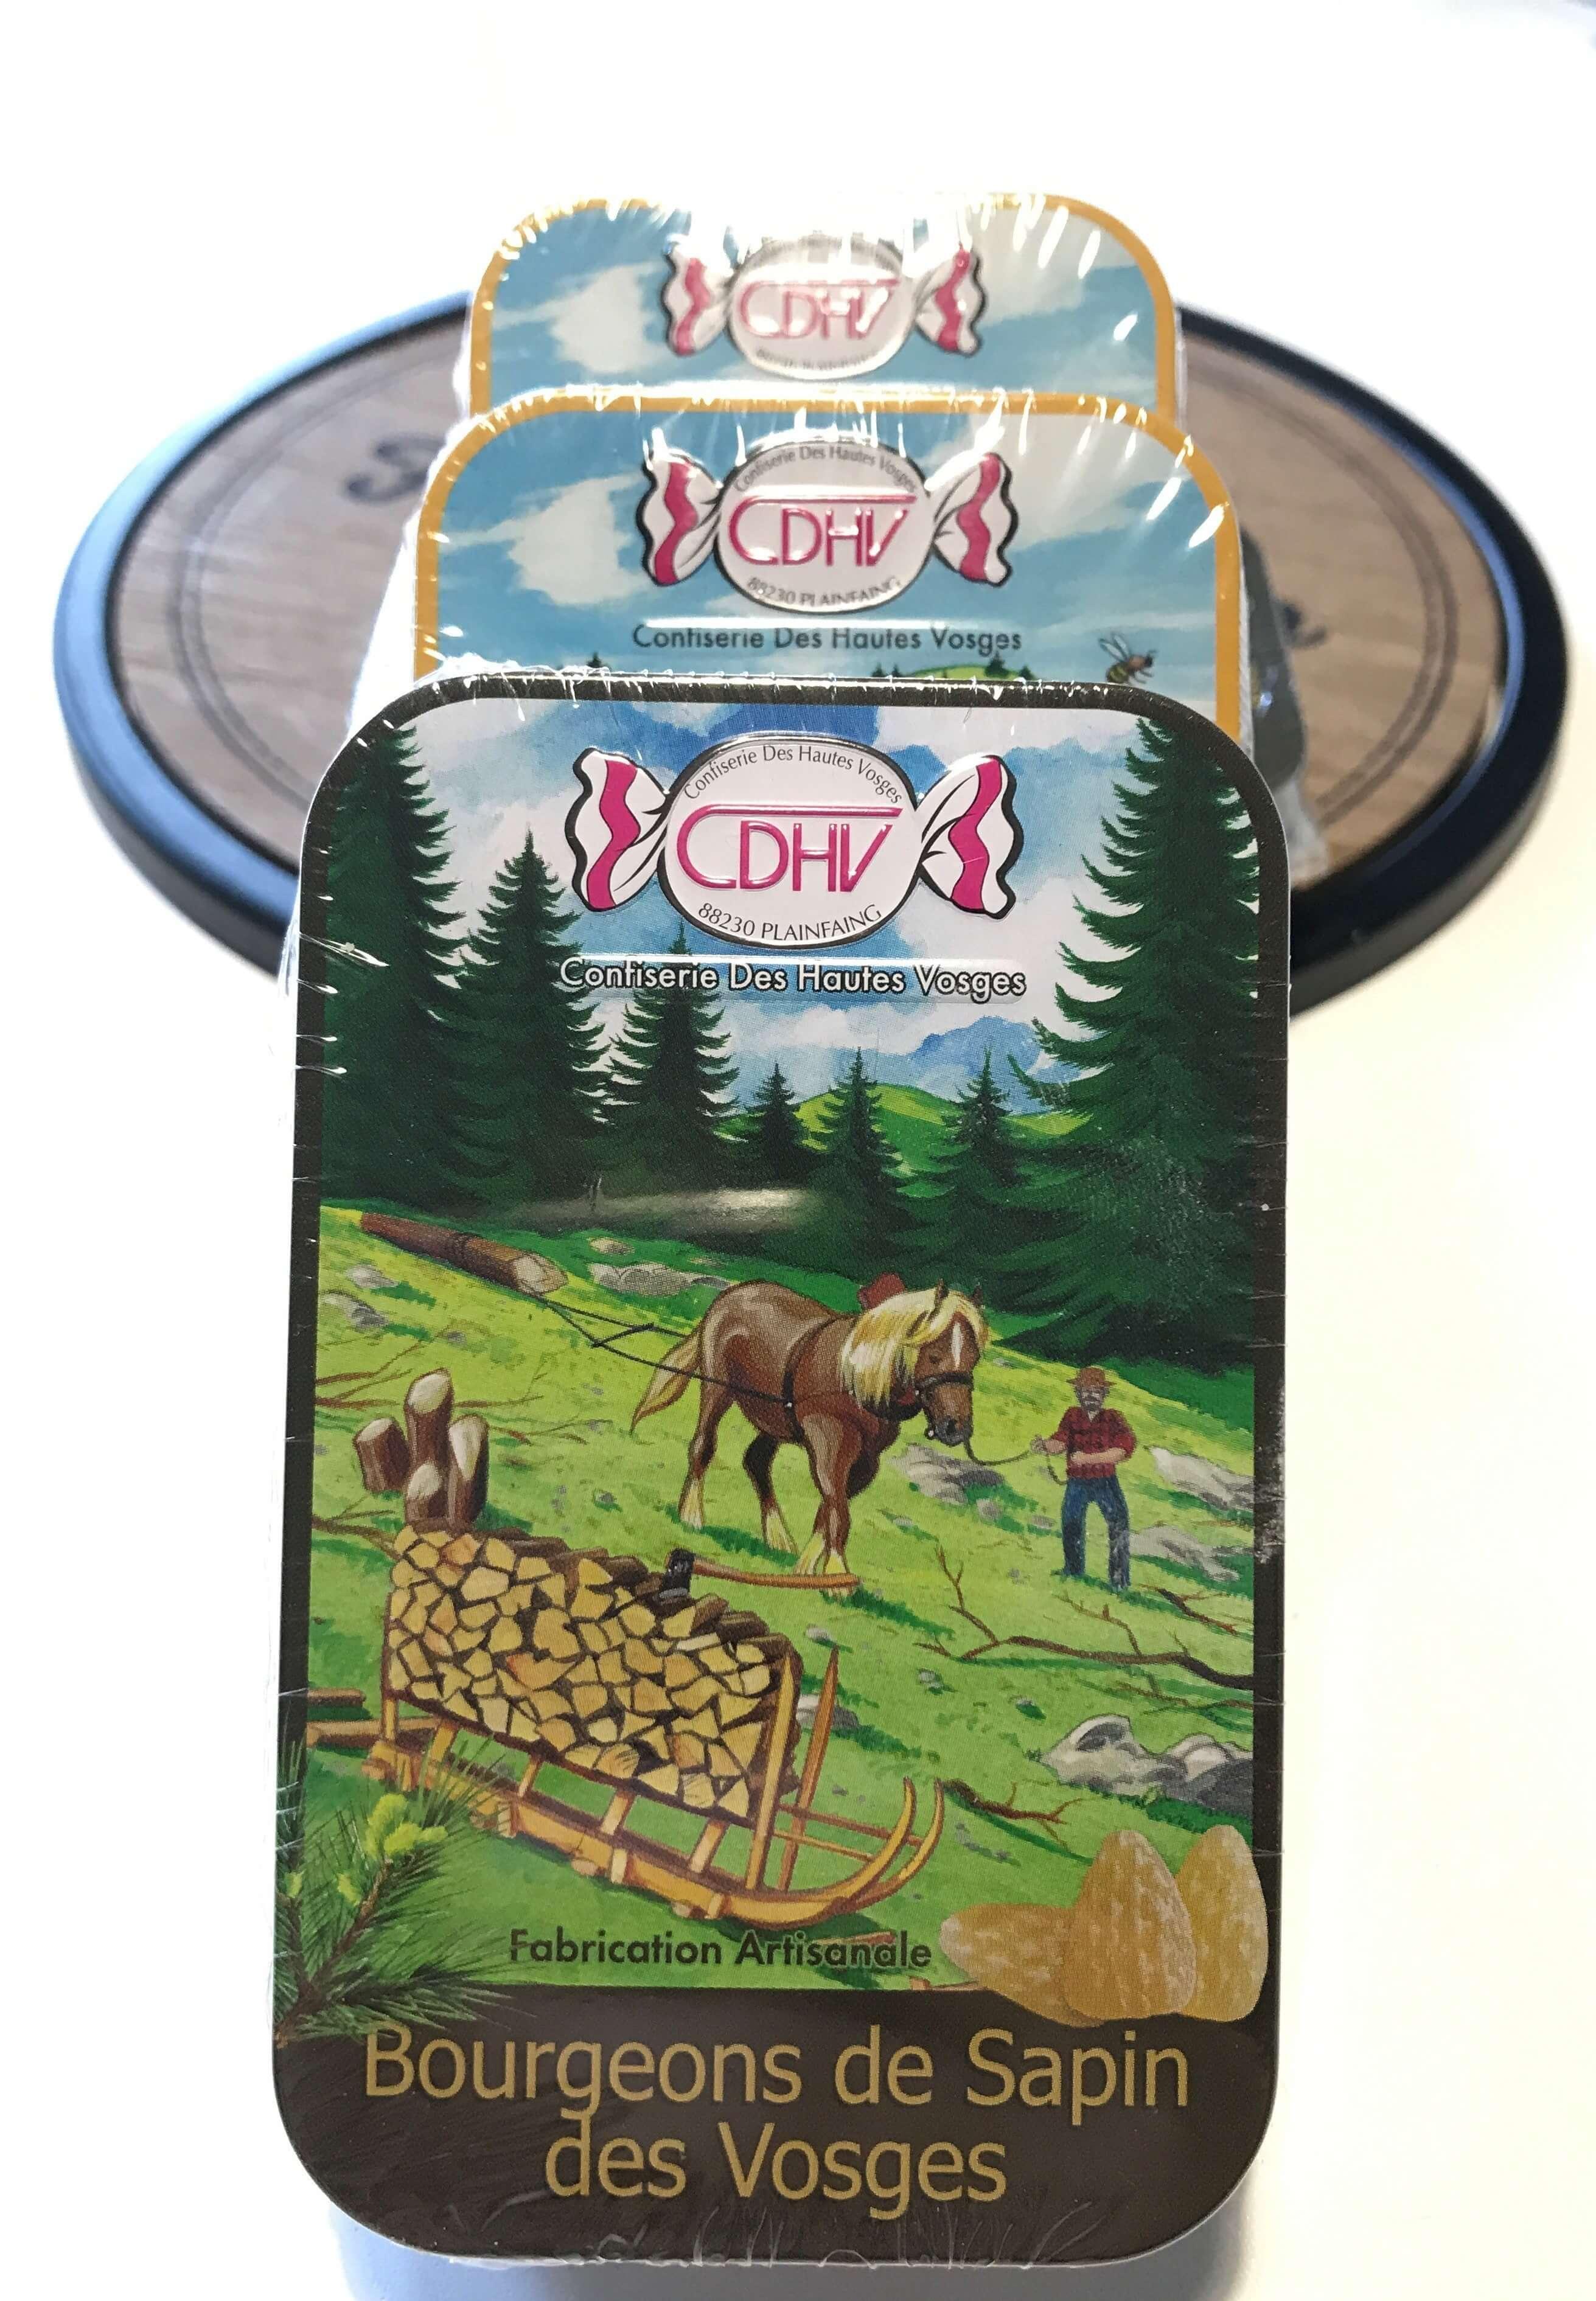 Bonbons des Vosges. 70g